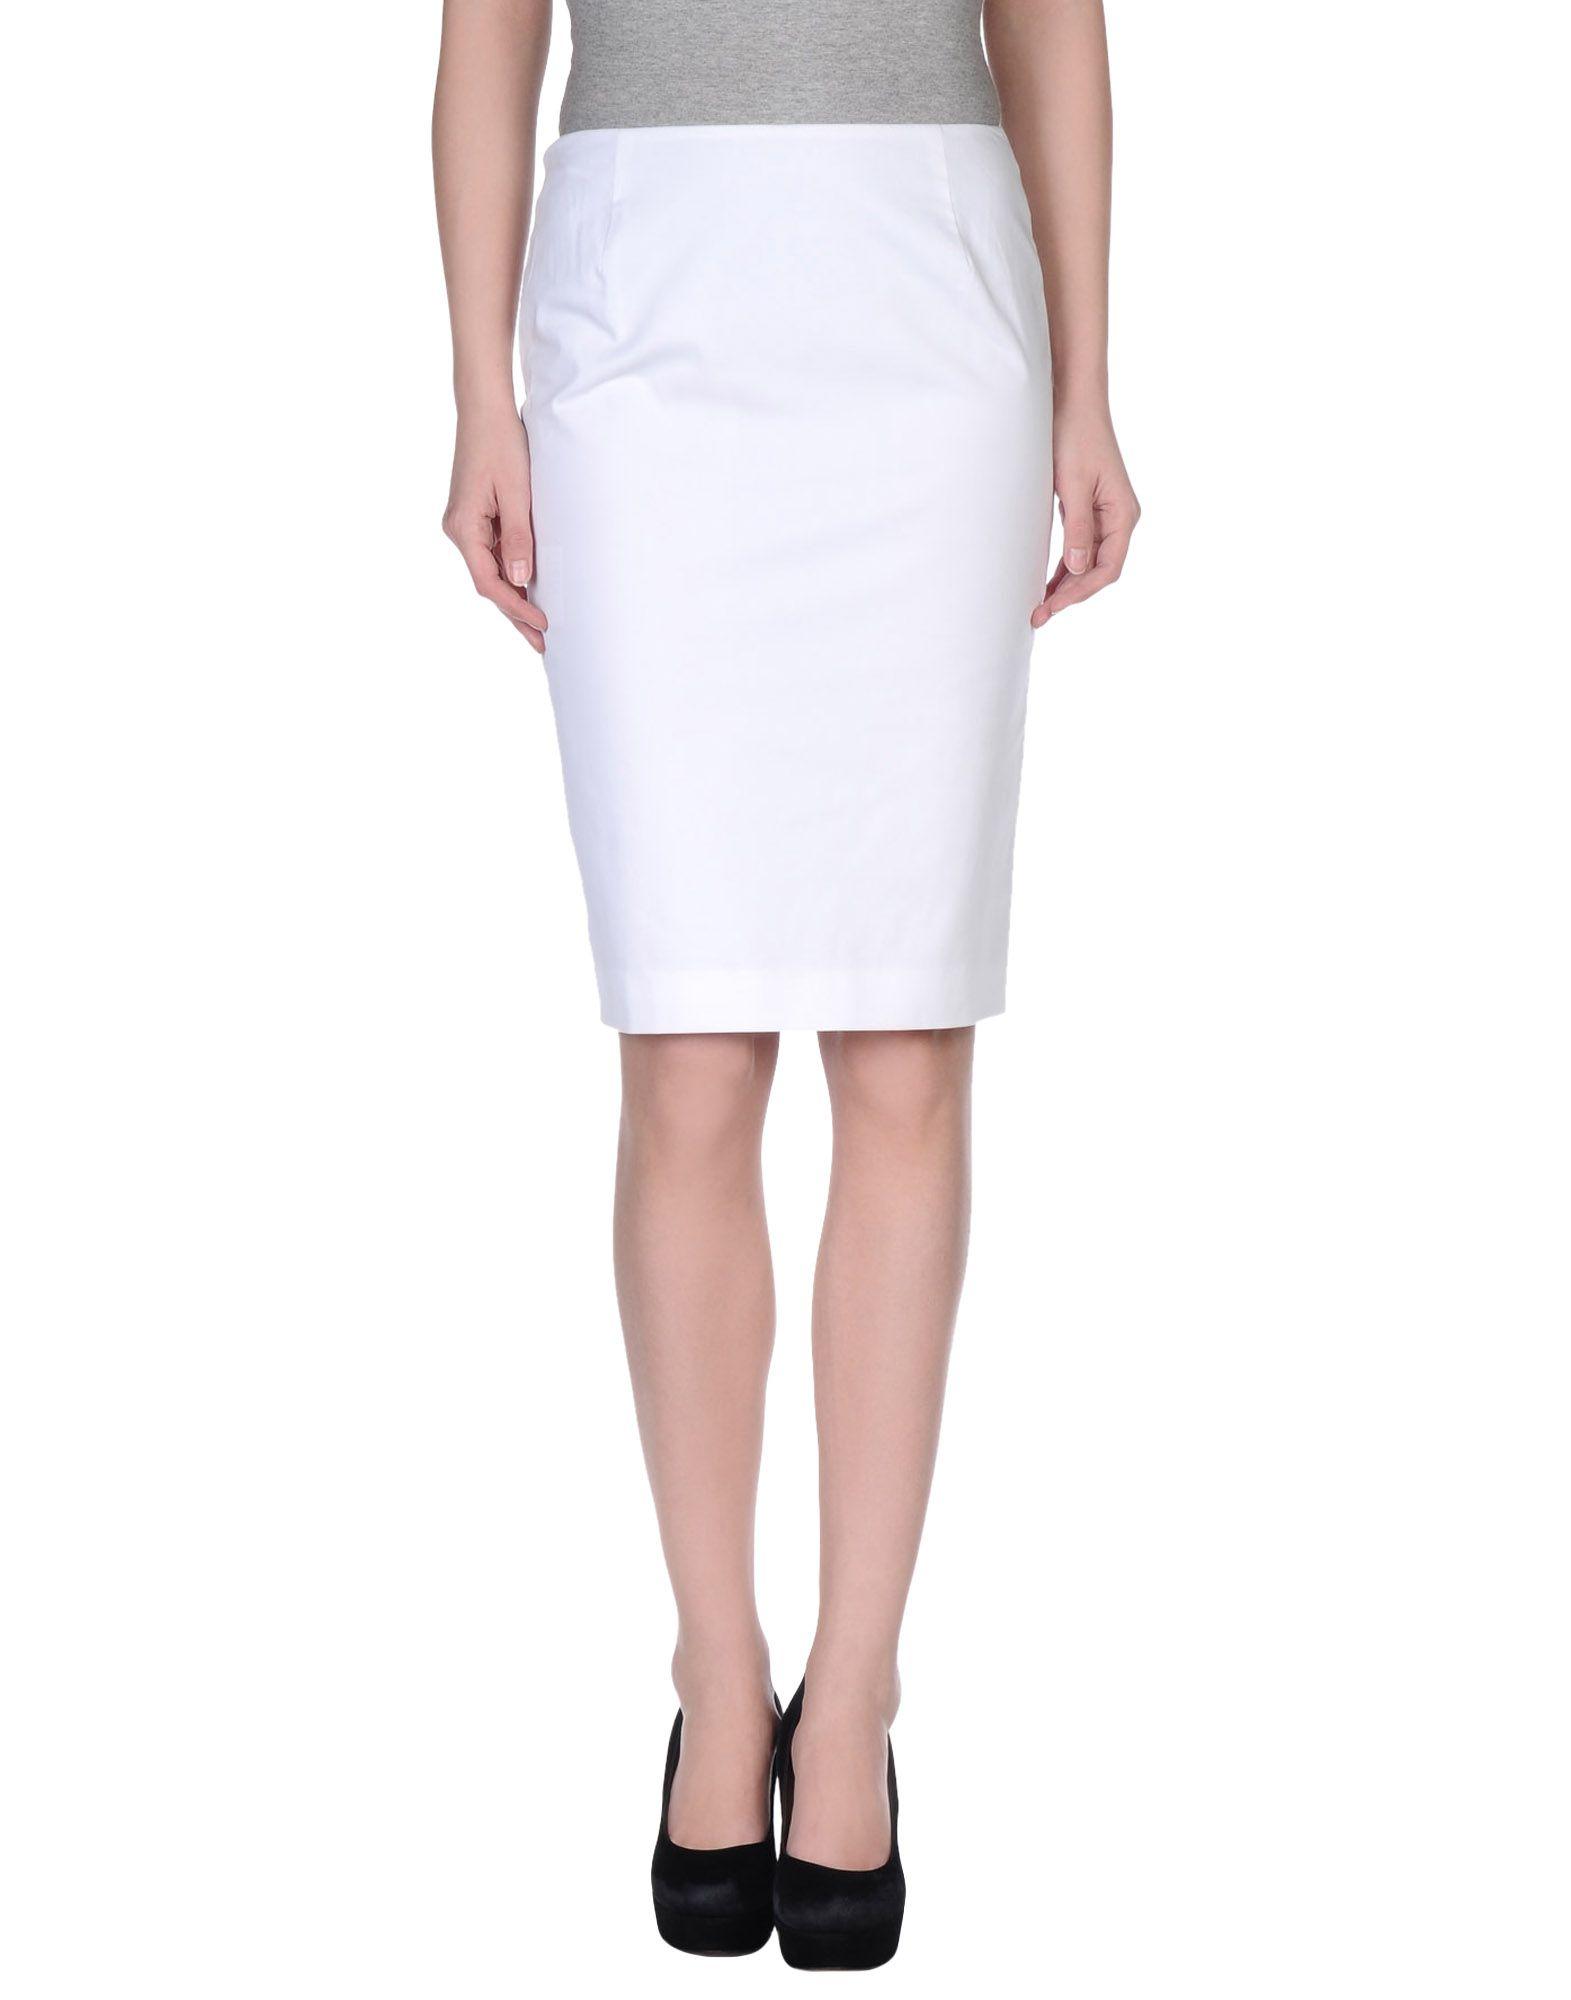 jil sander knee length skirt in white lyst